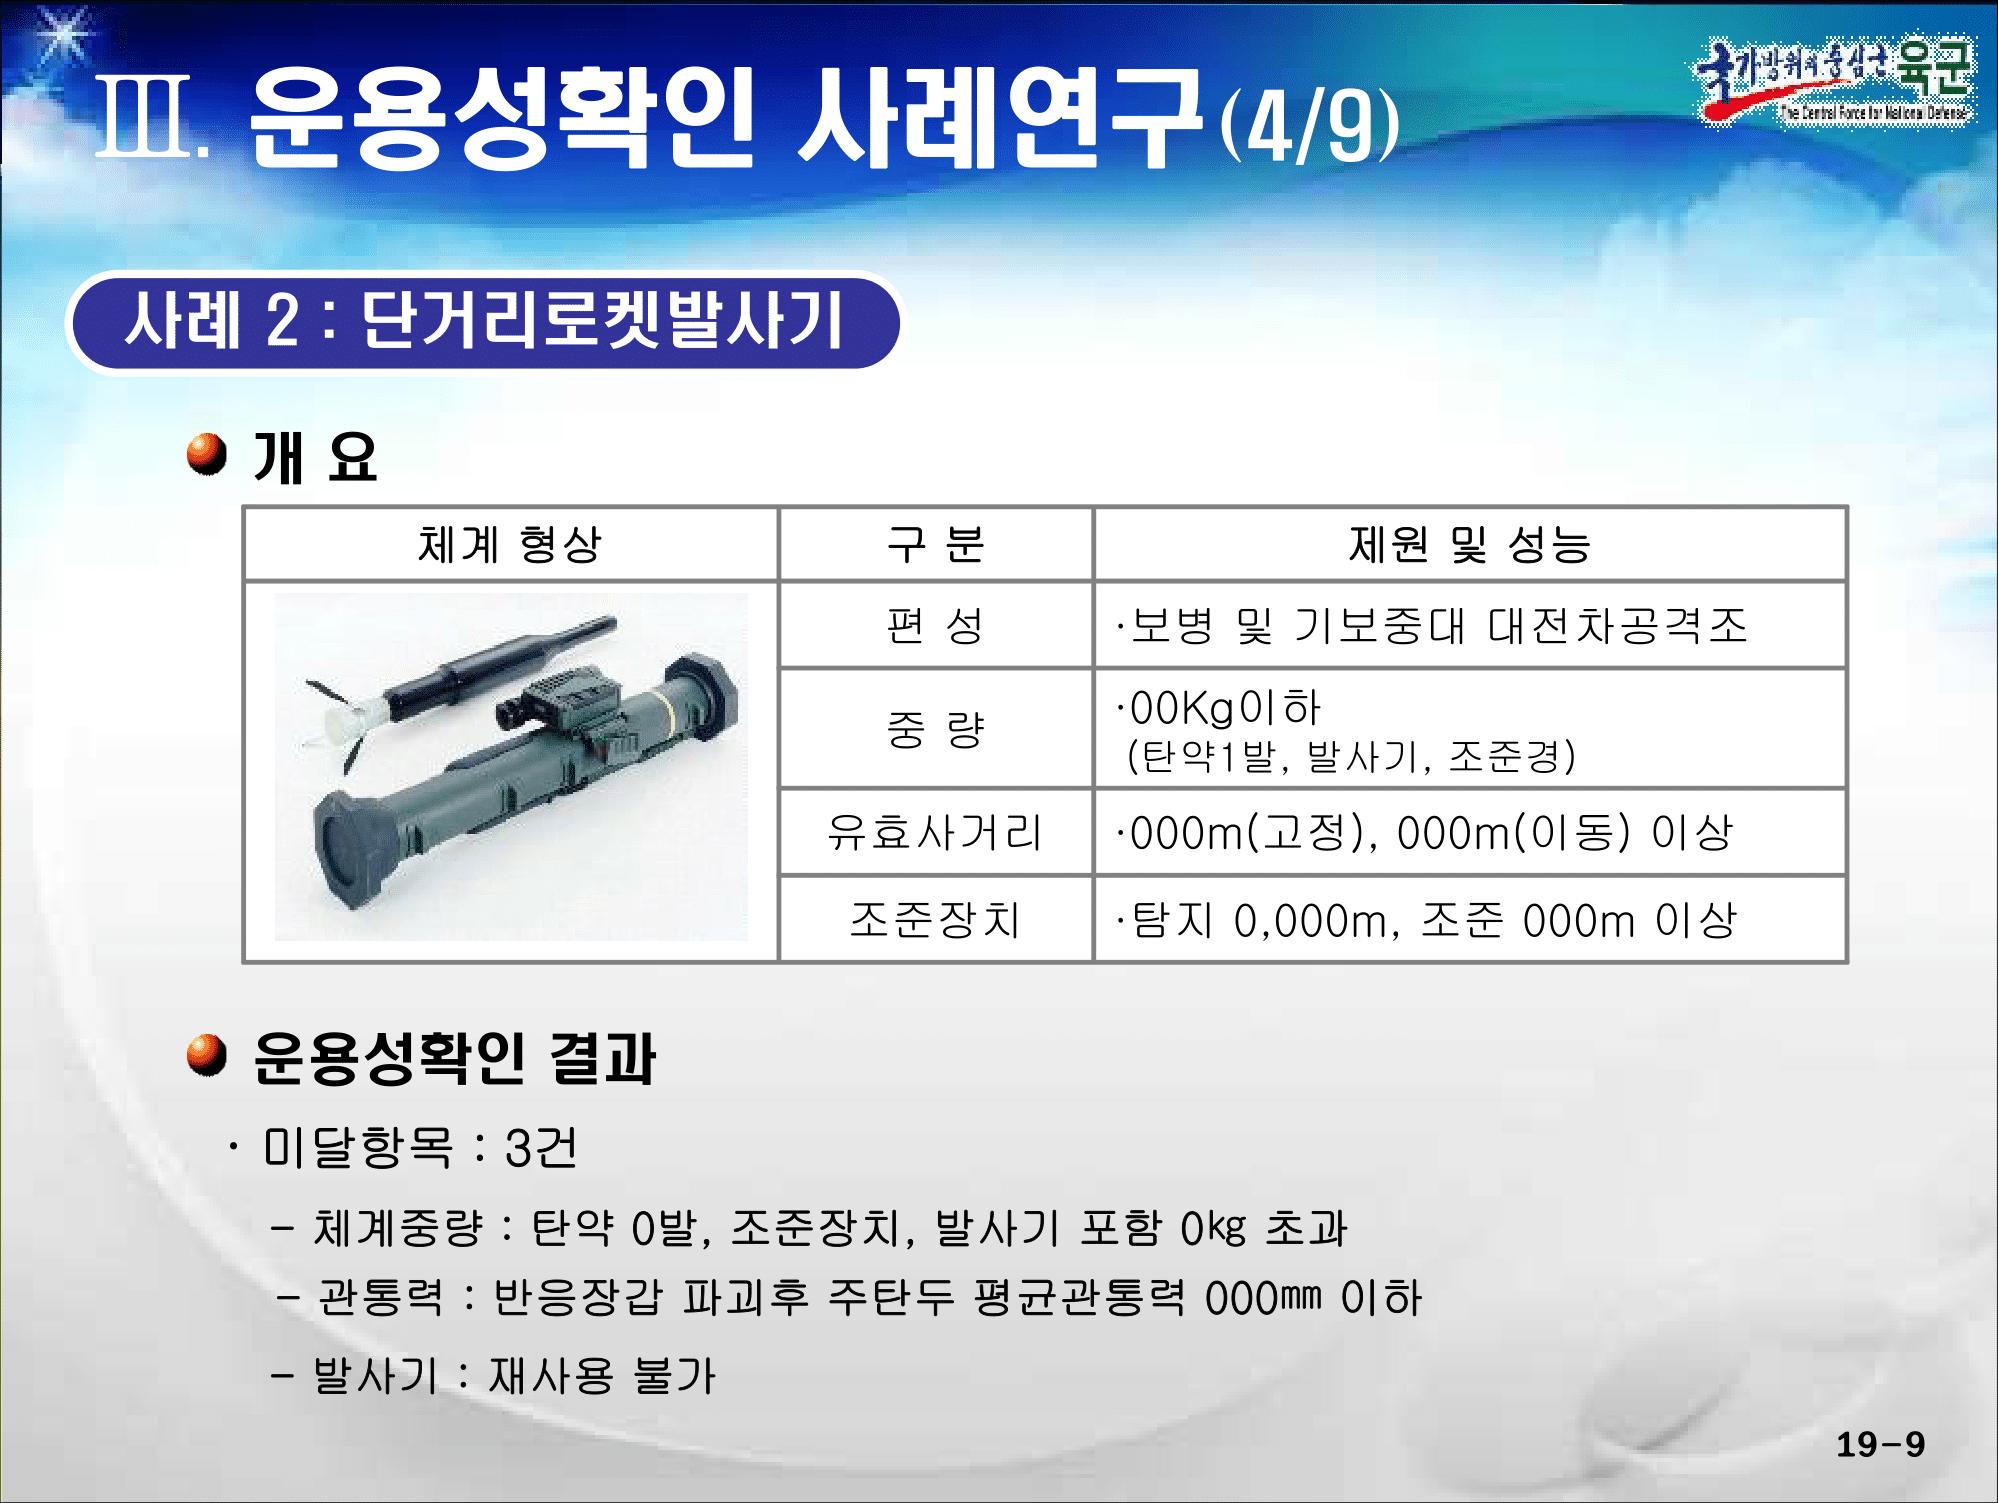 pdf2png.zip-[1-2-02]탐색개발 운용성확인 발전방안-[1-2-02]탐색개발 운용성확인 발전방안-09.png